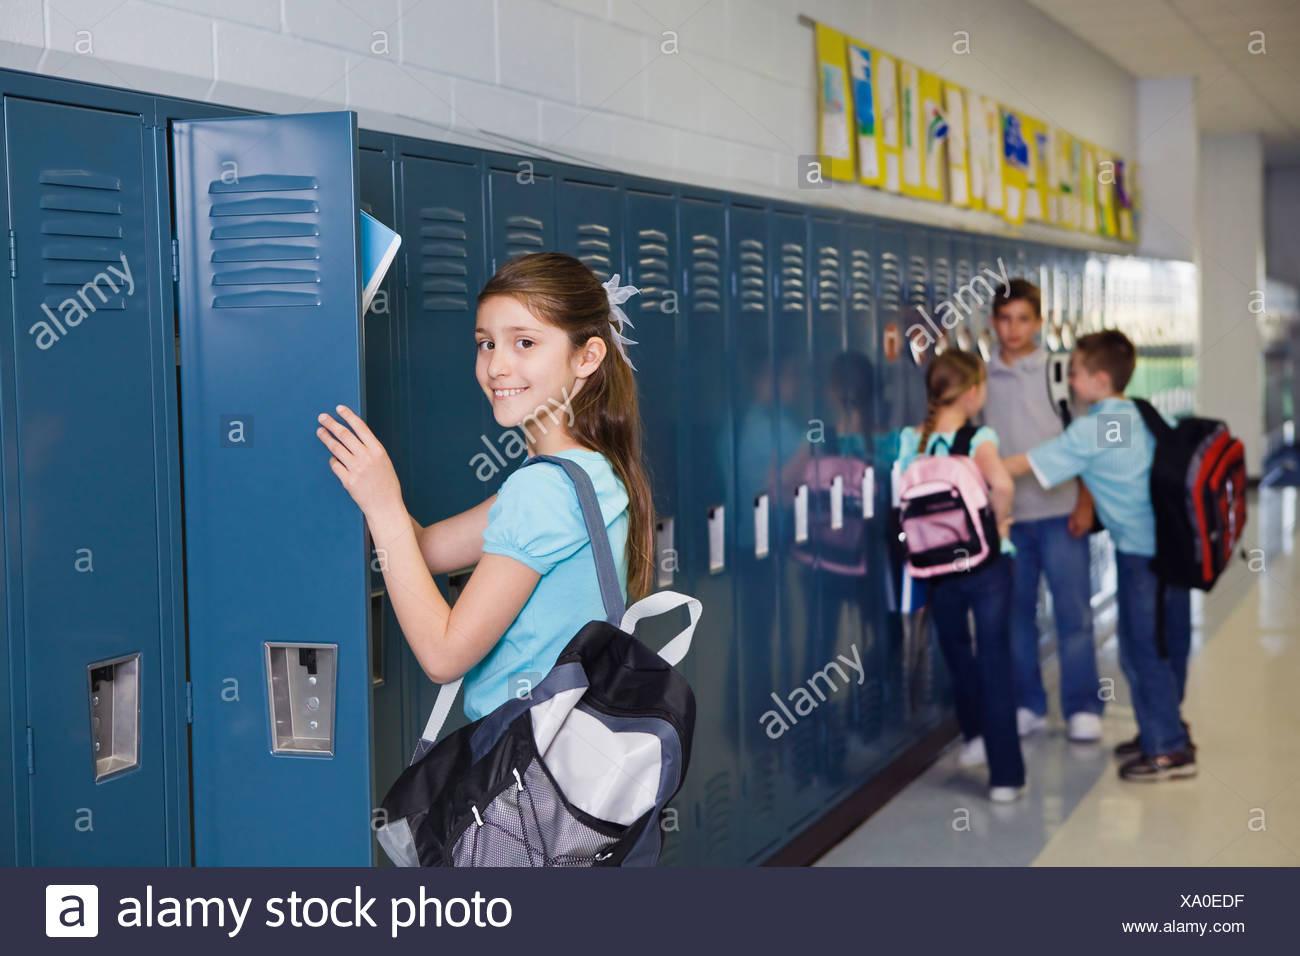 Estados Unidos, Illinois, Metamora, Escolares (8-9, 10-11) en taquillas en el corredor de la escuela Imagen De Stock